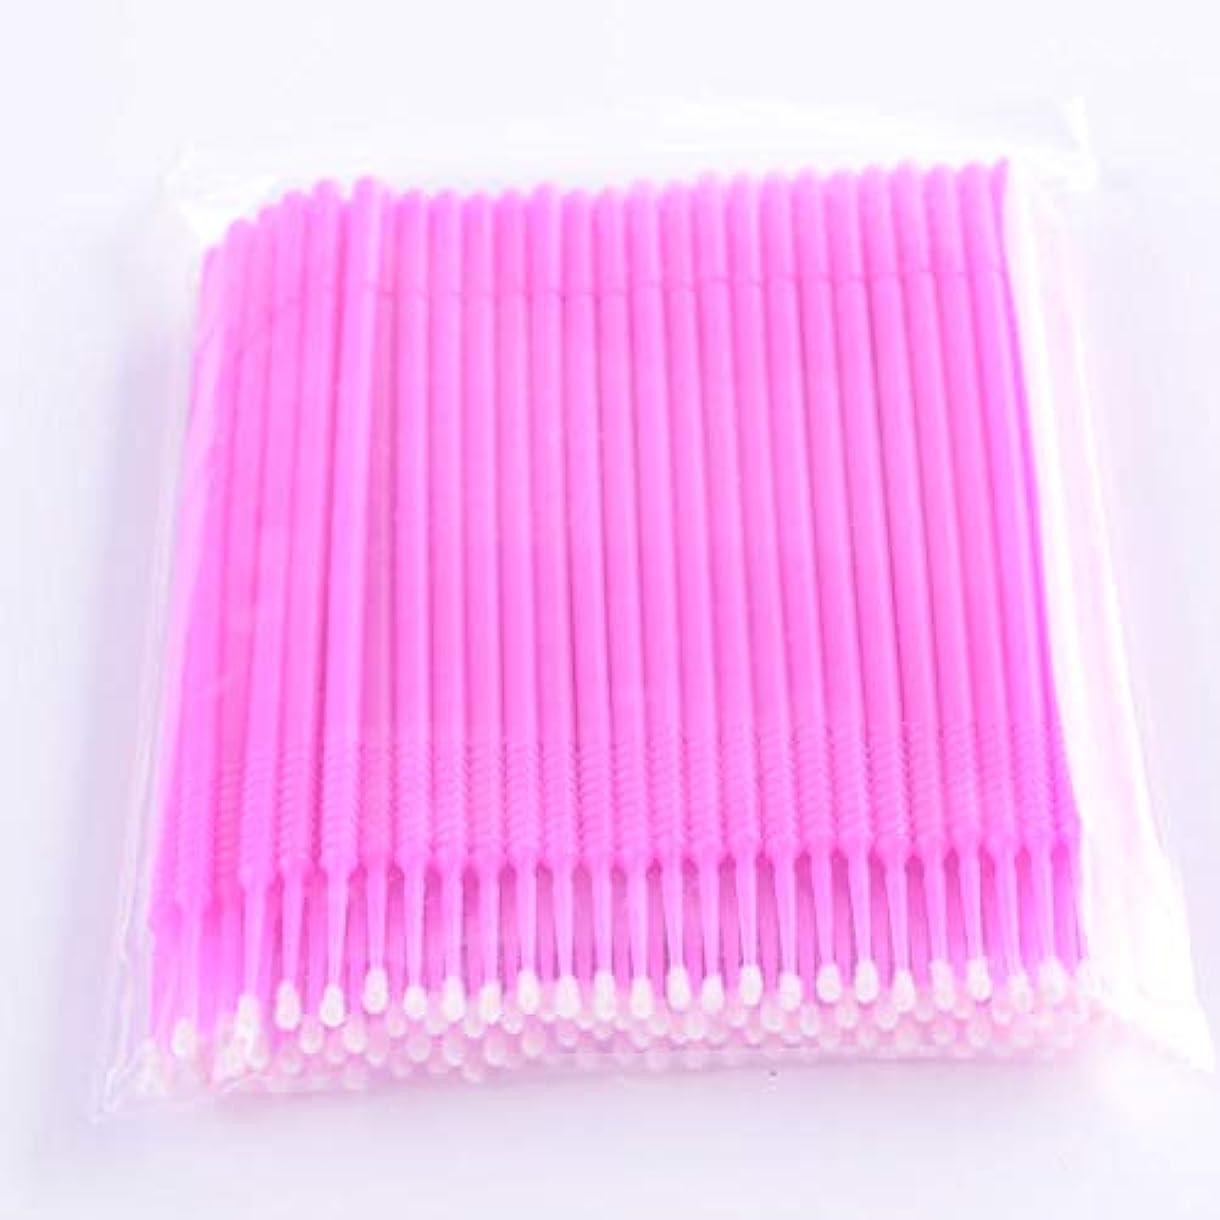 きつく不機嫌そうなパークPLATINA LASH マイクロスティック 100本入り マイクロブラシ 使い捨て極細綿棒アプリケーター まつげエクステ用 (Fine/Pink)